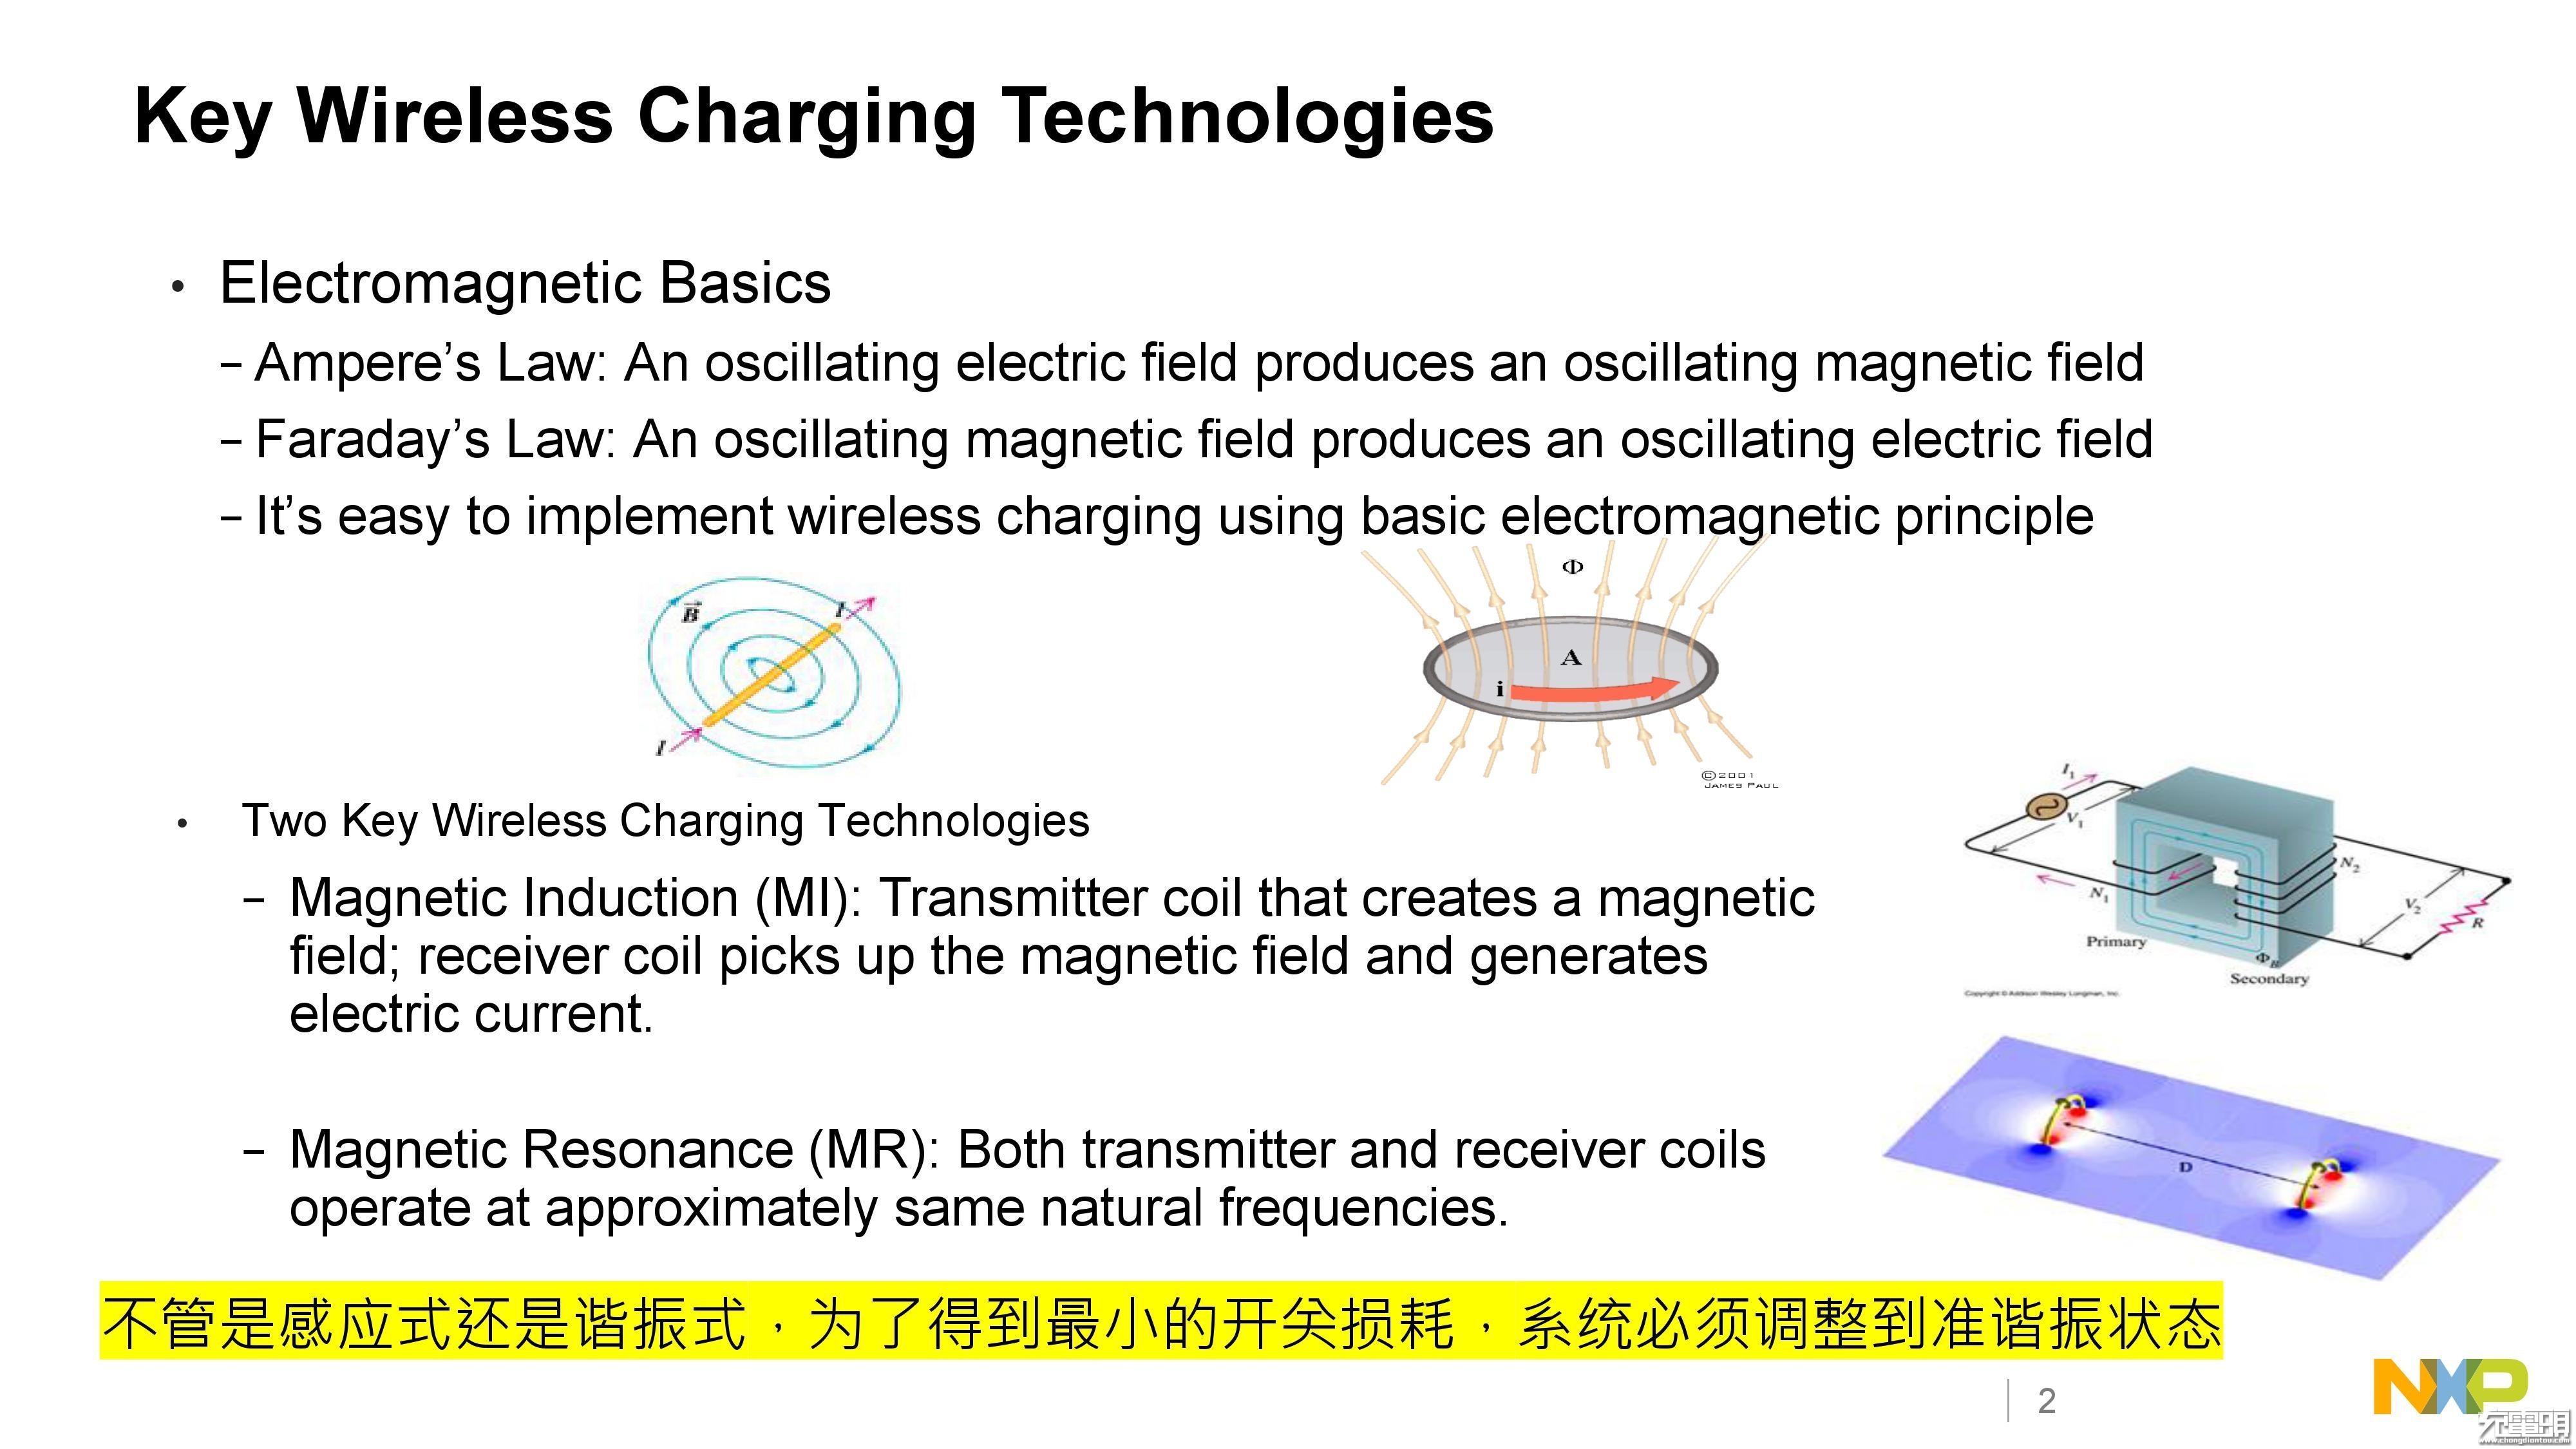 2018(夏季)中国无线充电产业高峰论坛PPT下载:NXP恩智浦半导体-充电头网